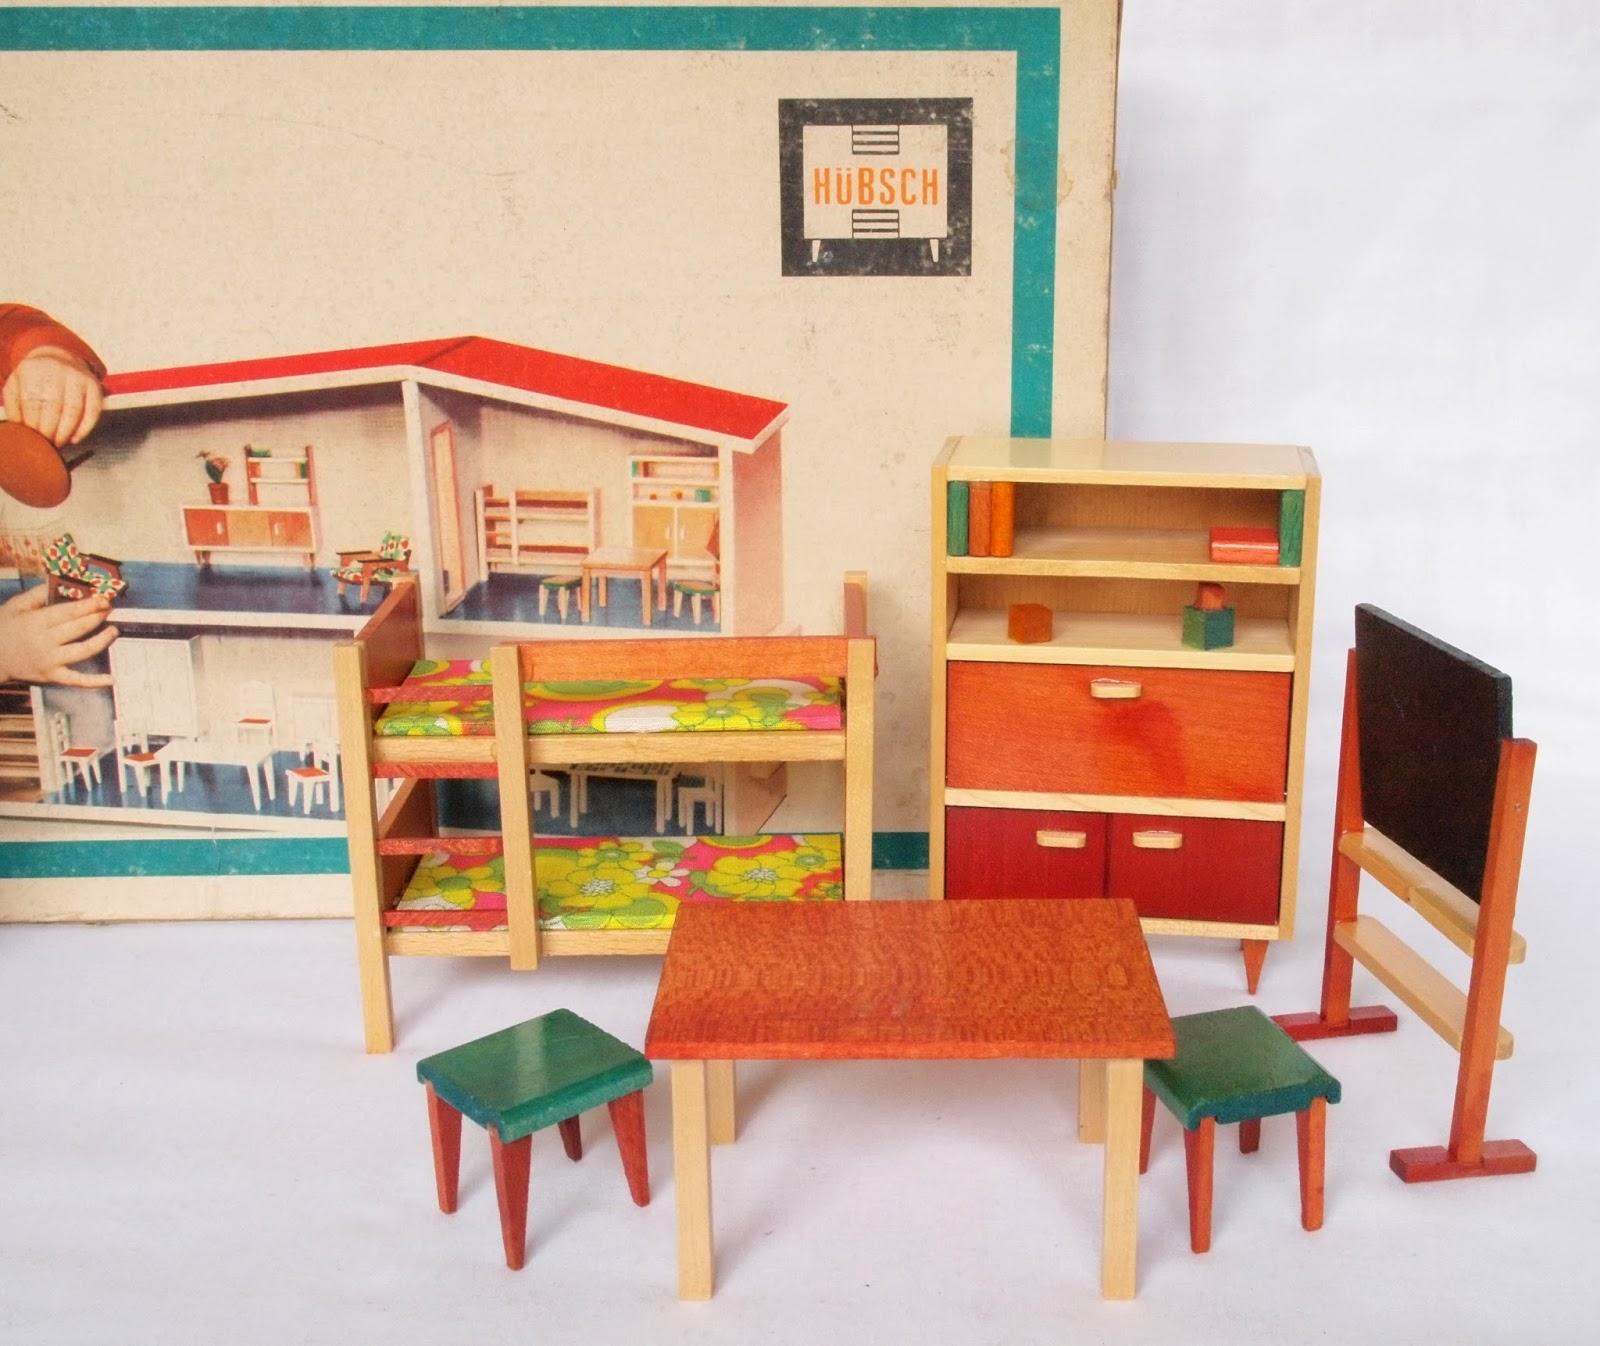 Diepuppenstubensammlerin kinderzimmer nurseries for Kinderzimmer 70er